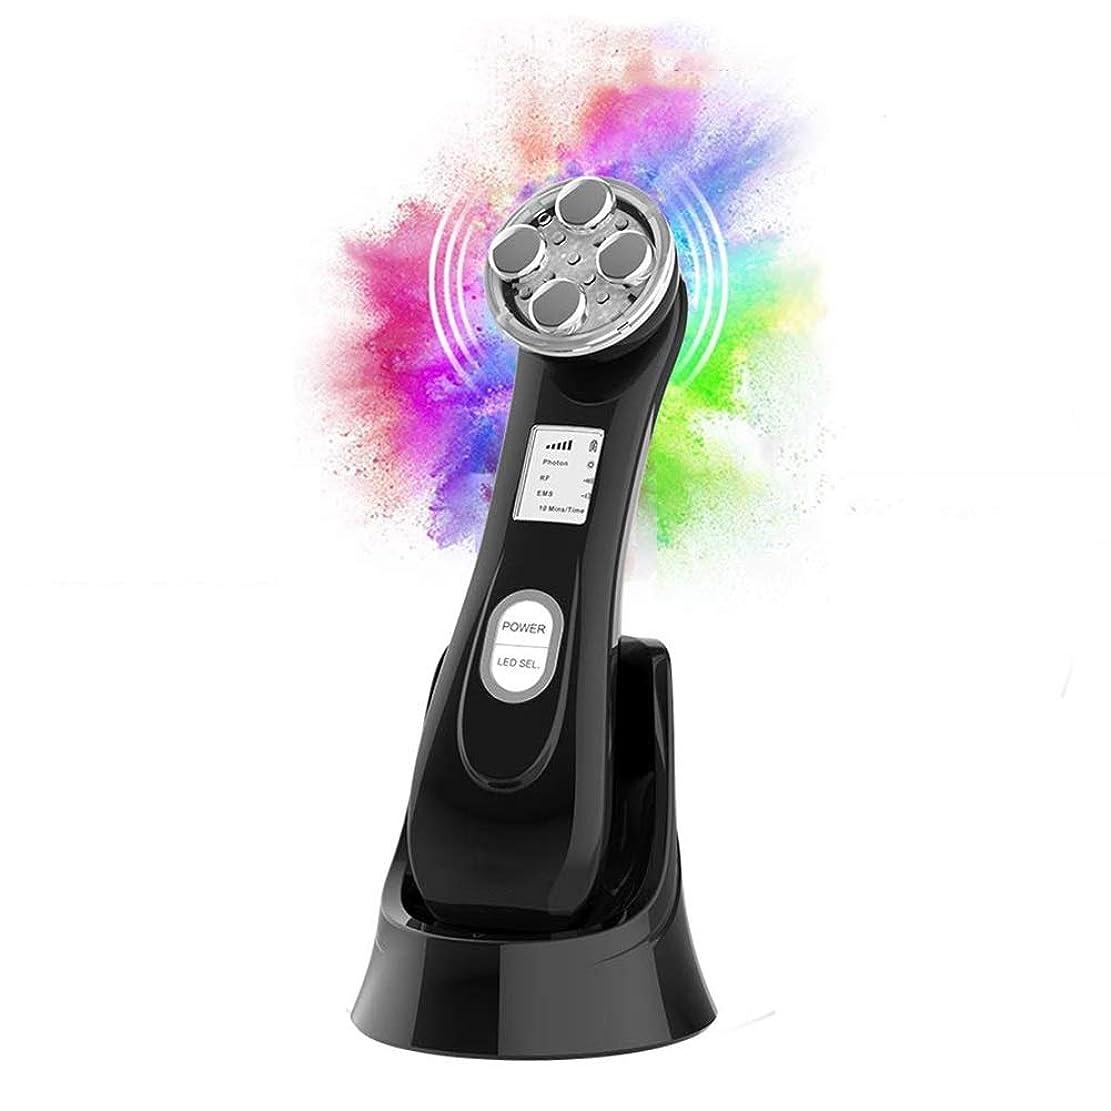 簿記係燃やす位置づける機械をきつく締める1つの皮に付き6つ、持ち上がる美機械高周波USBの再充電可能なEMS超音波LEDの顔の光子の顔のスキンケアをきつく締めるRFの美の反老化の反アクネの顔